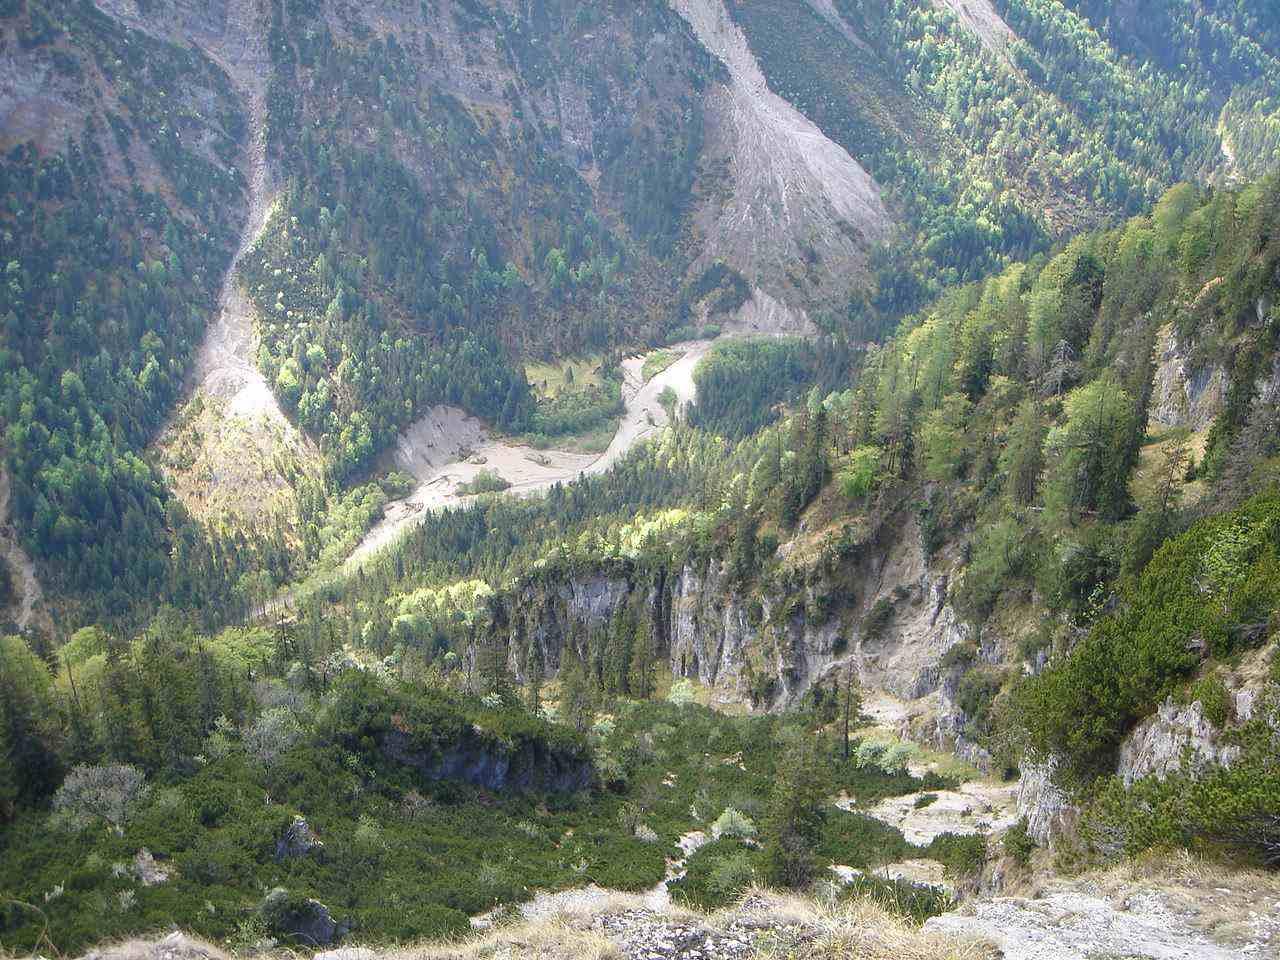 Foto: Manfred Karl / Mountainbiketour / Saurüsselkopf (1270m) / Tiefblick vom Gipfel / 19.06.2007 06:15:27